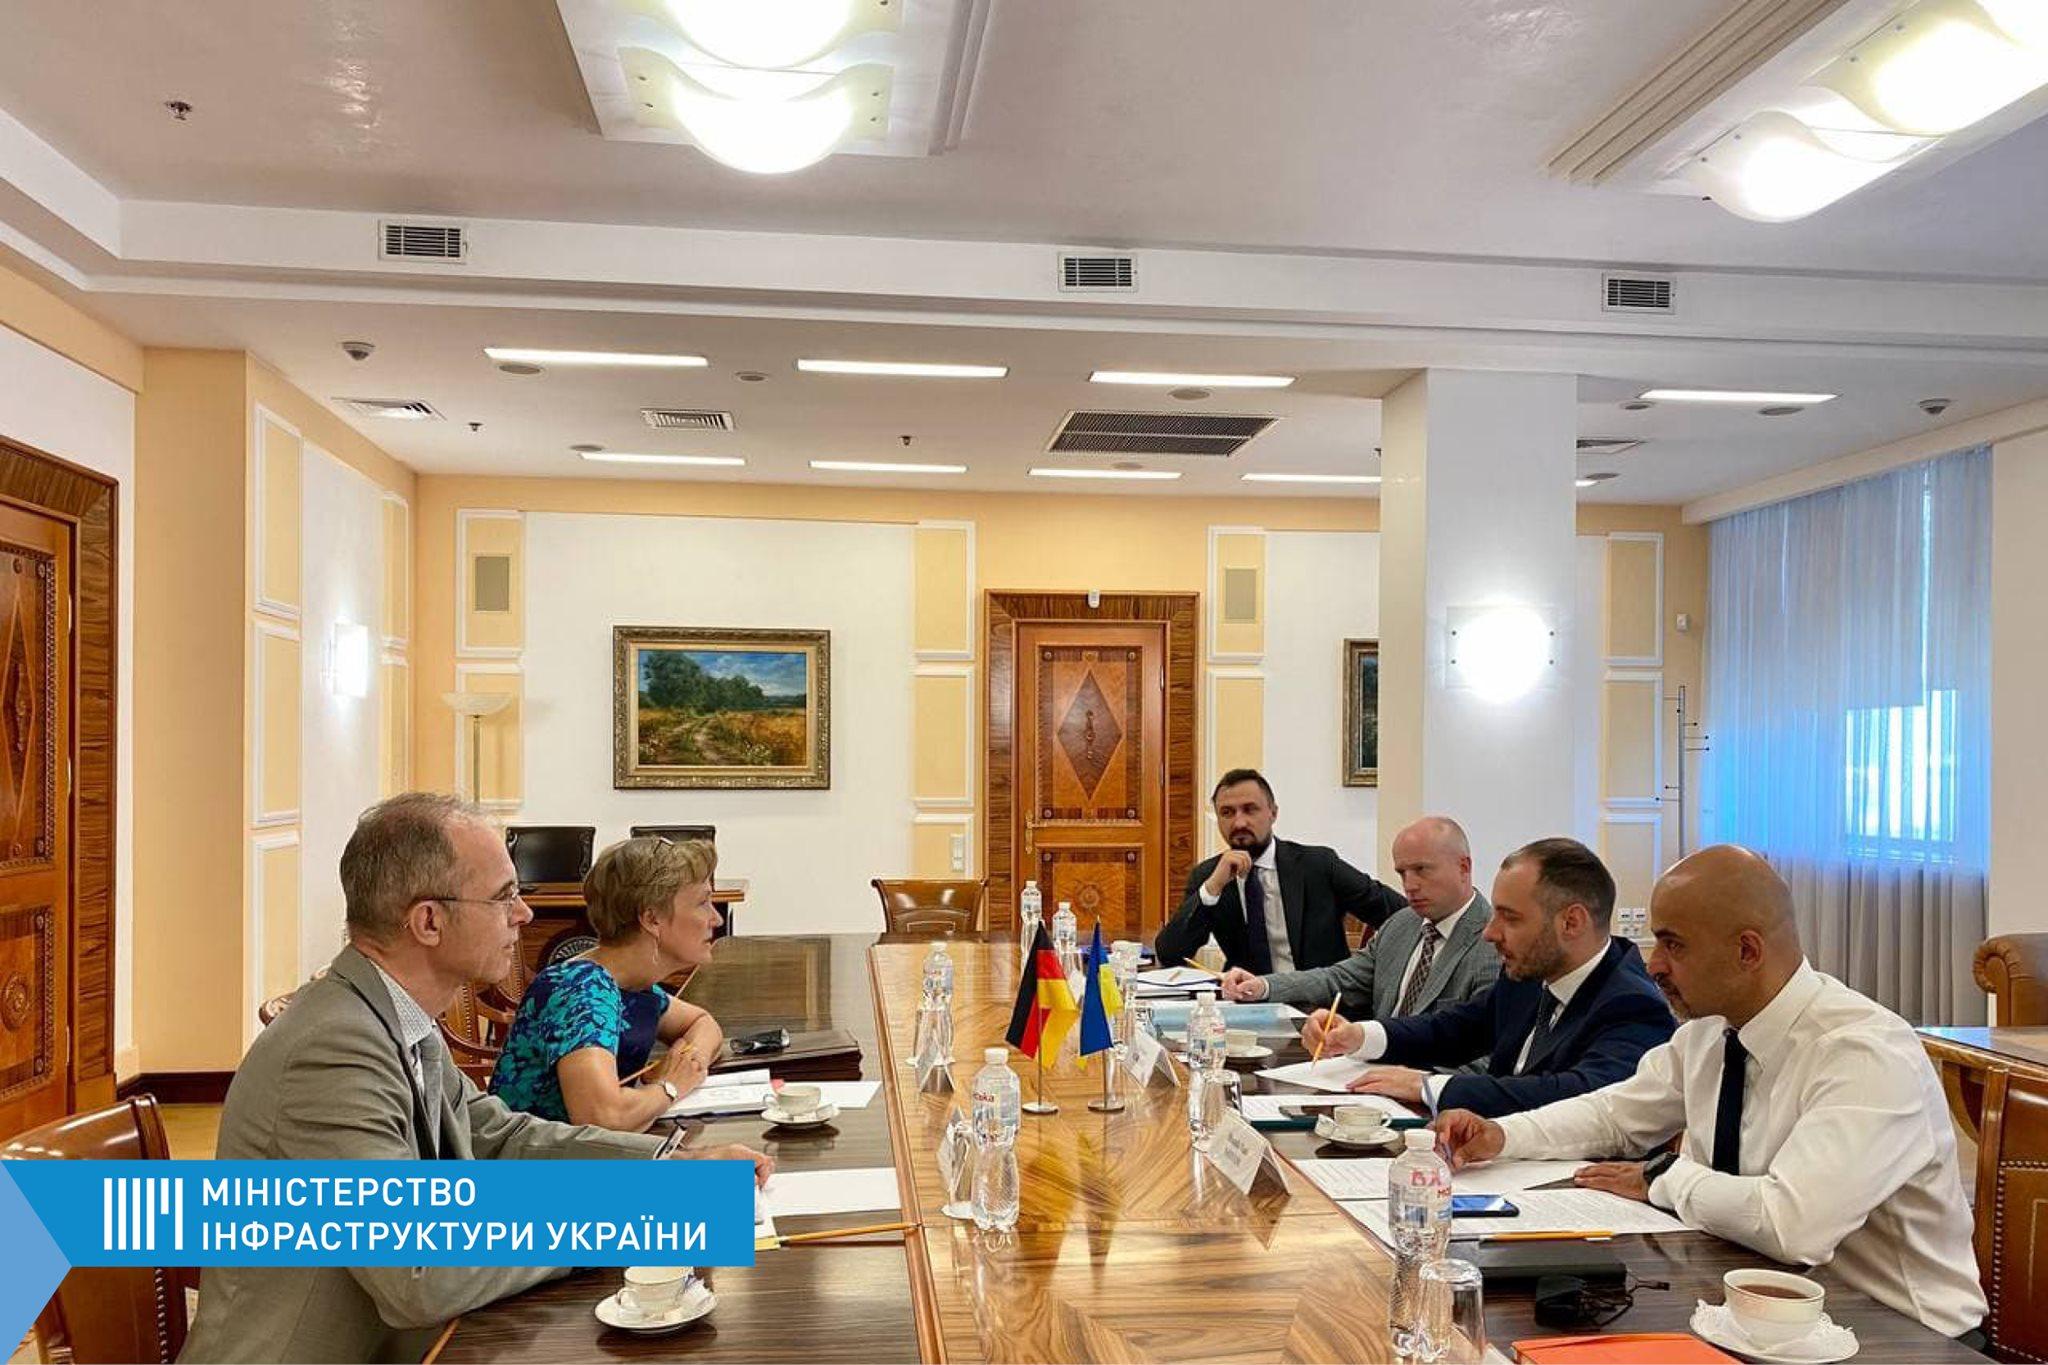 Украина готова перенимать опыт Германии в управлении инфраструктурными проэктами